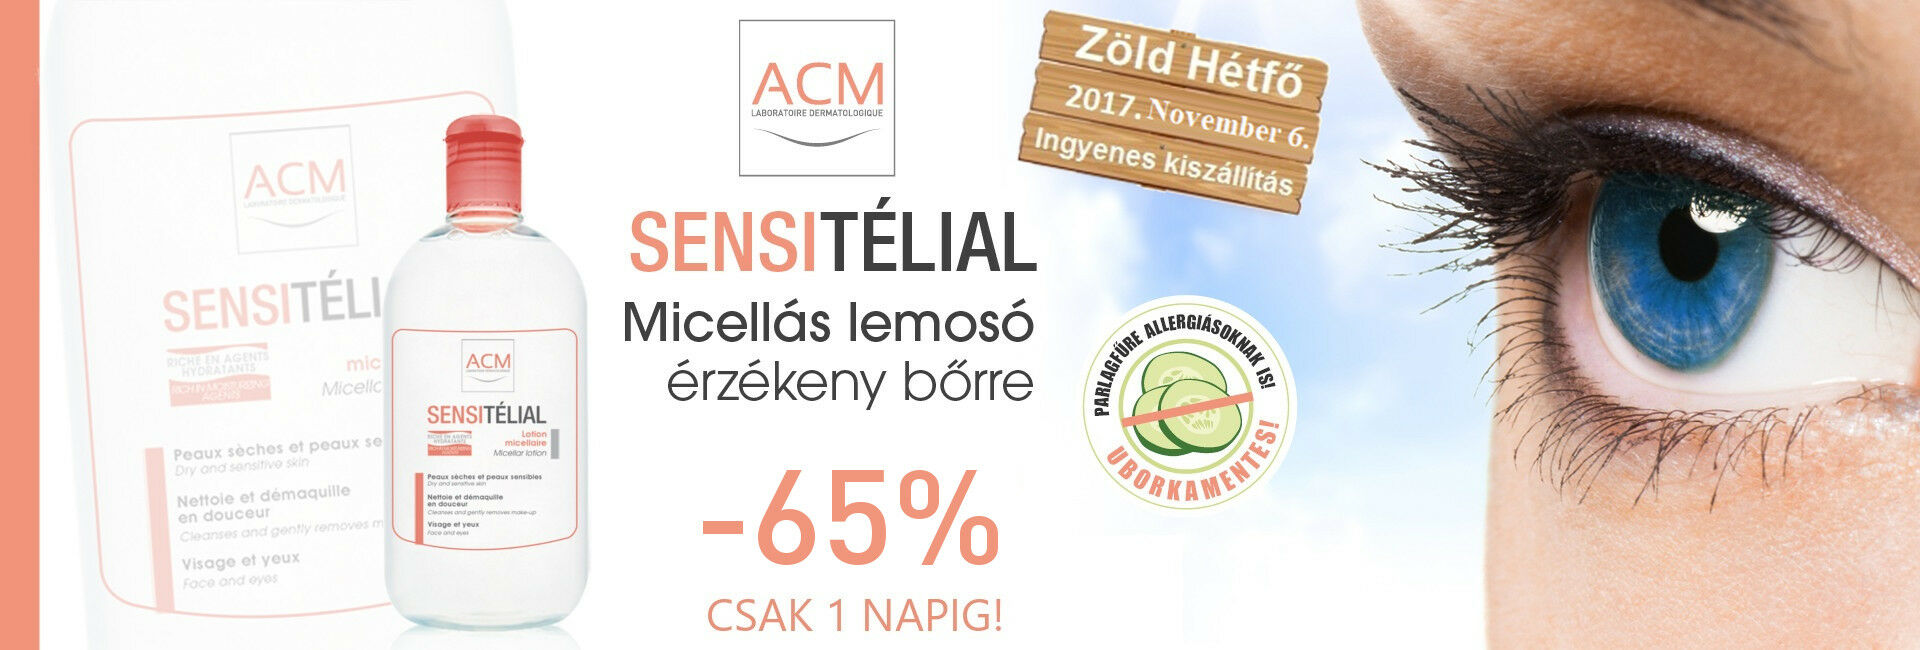 Ma az ACM Sensitélial micellás arclemosót 65% kedvezménnyel kínáljuk!